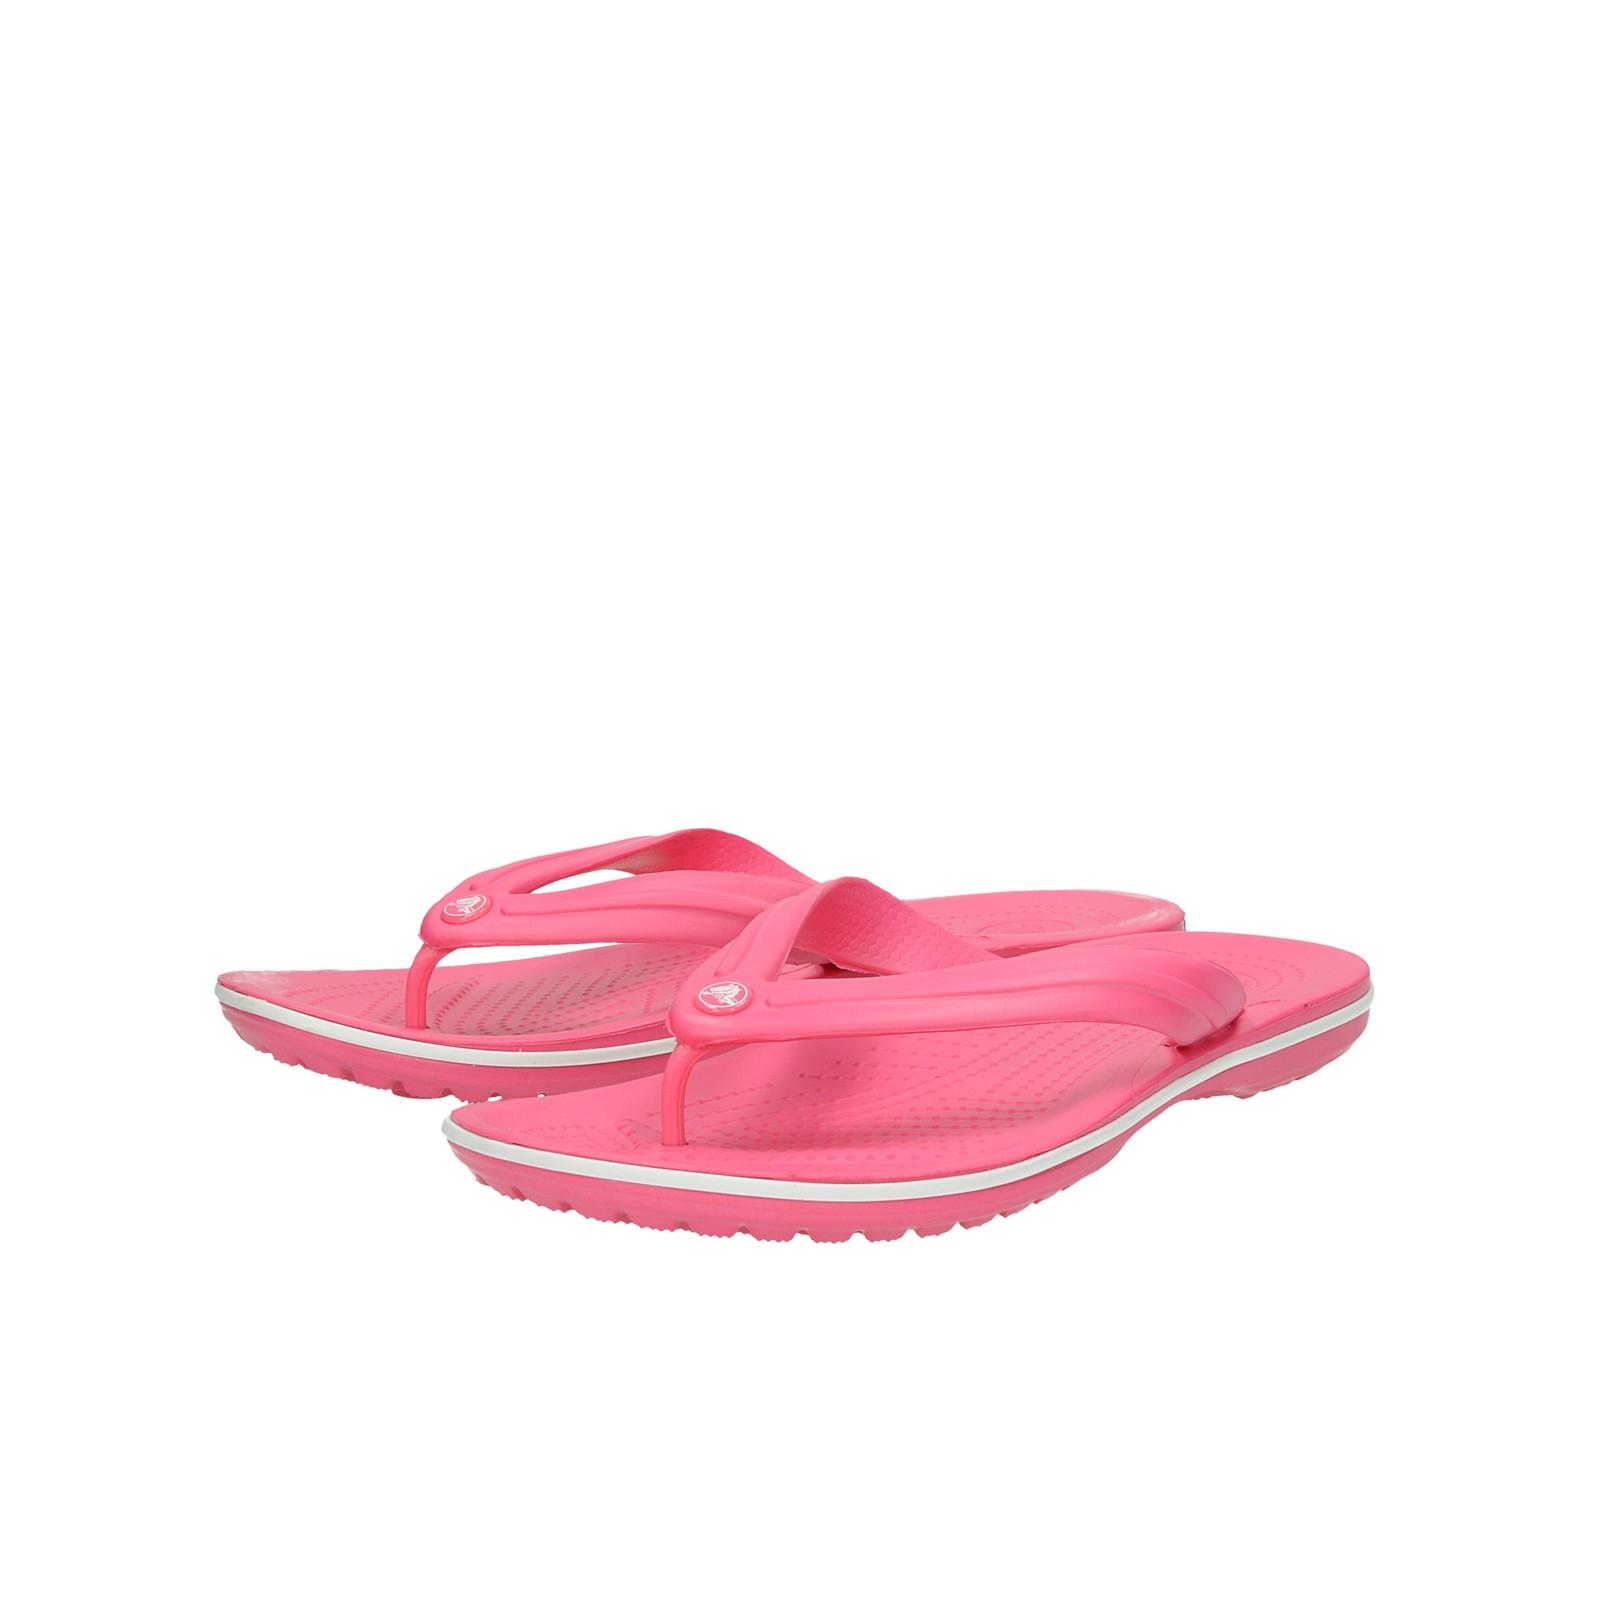 Crocs dámské štýlové plážovky - ružové